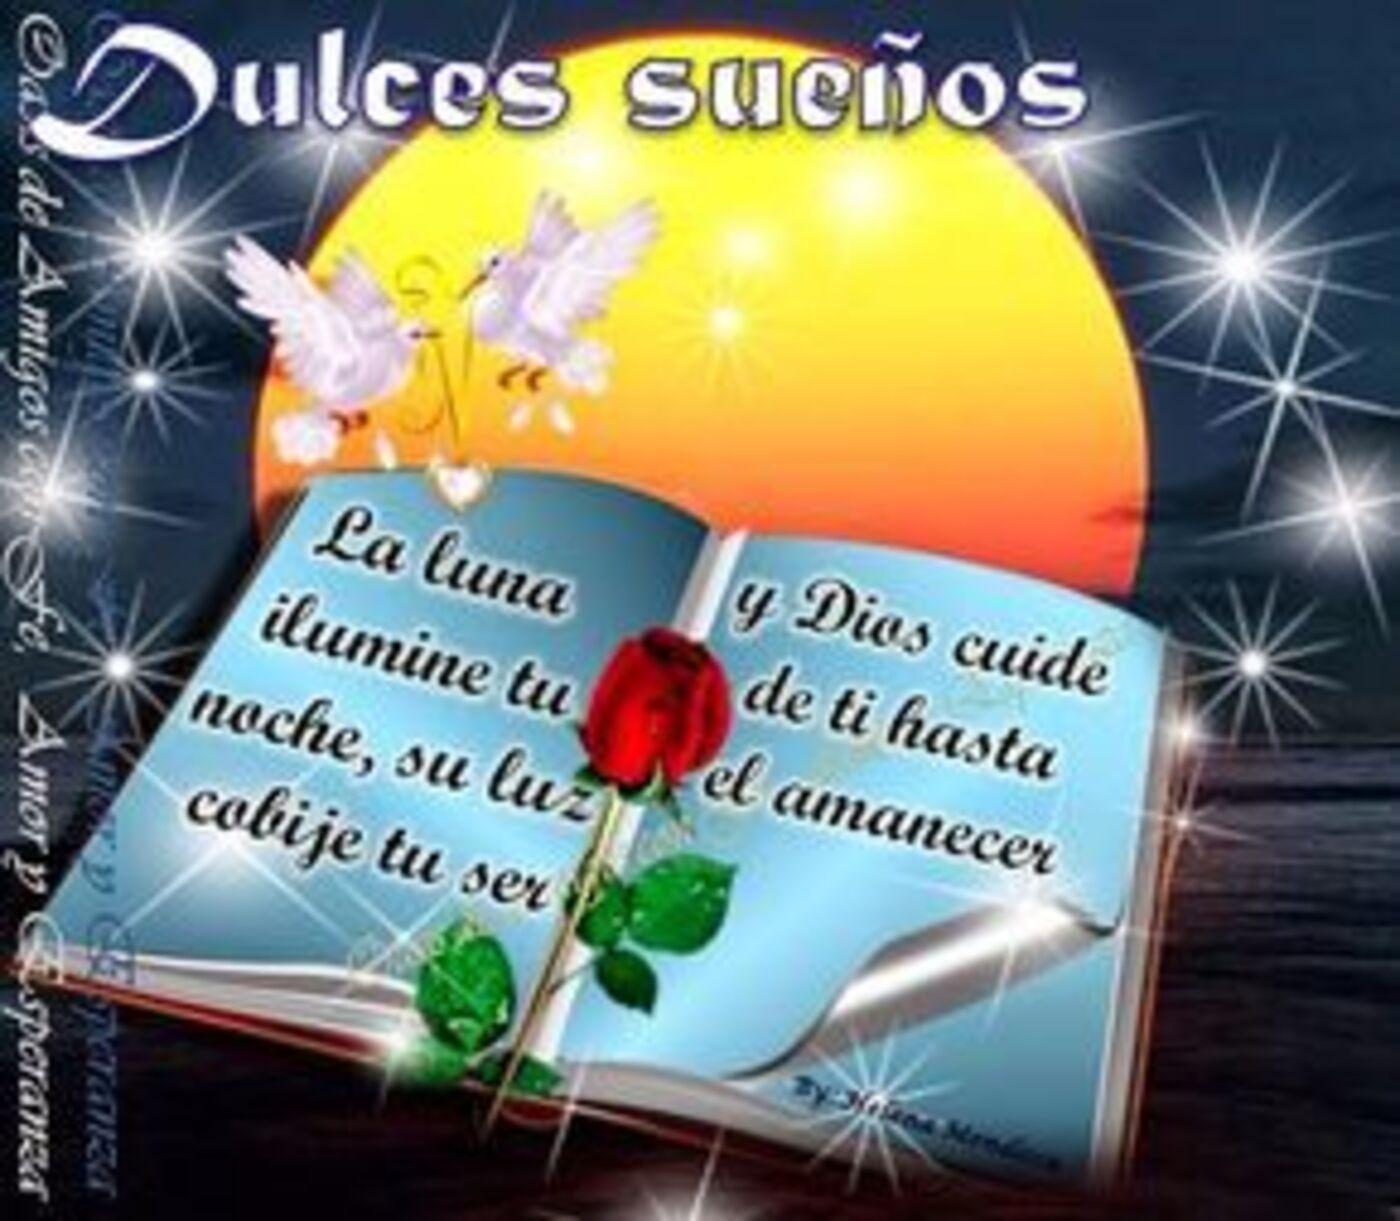 Dulces sueños, la luna ilumine tu noche, su luz cobije tu ser y Dios cuide de ti hasta el amanecer